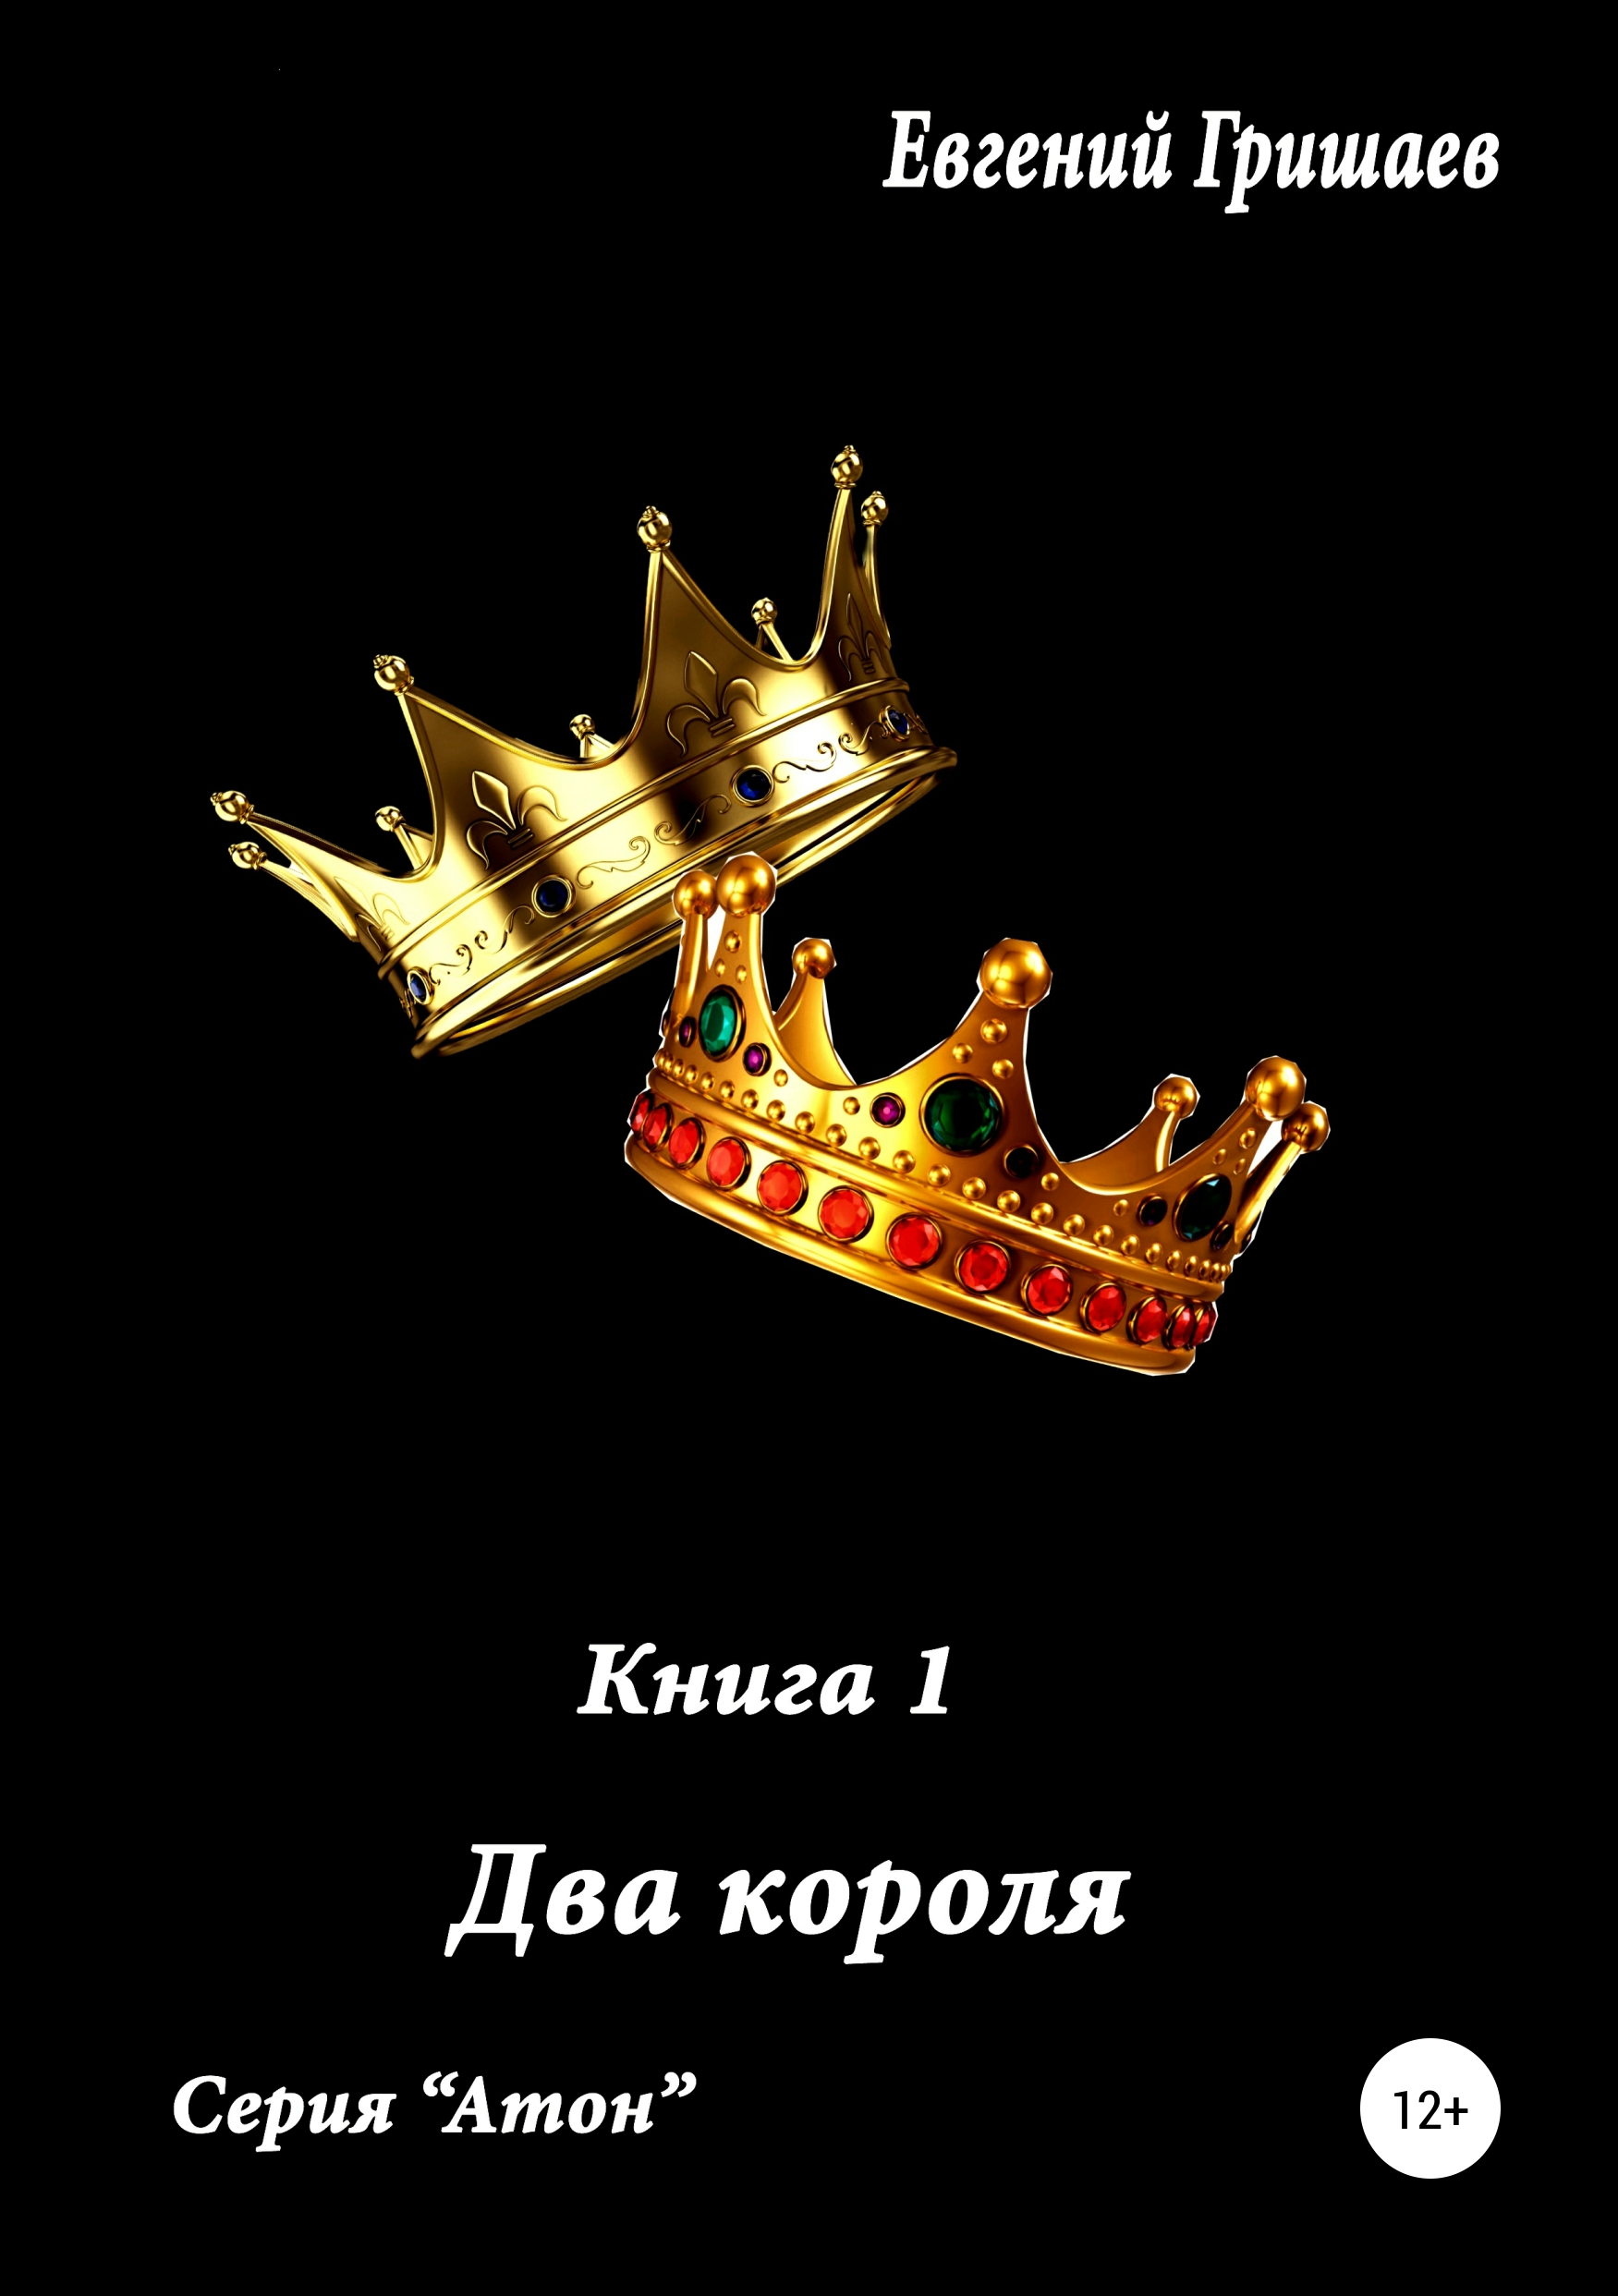 Евгений Алексеевич Гришаев Атон. Два короля